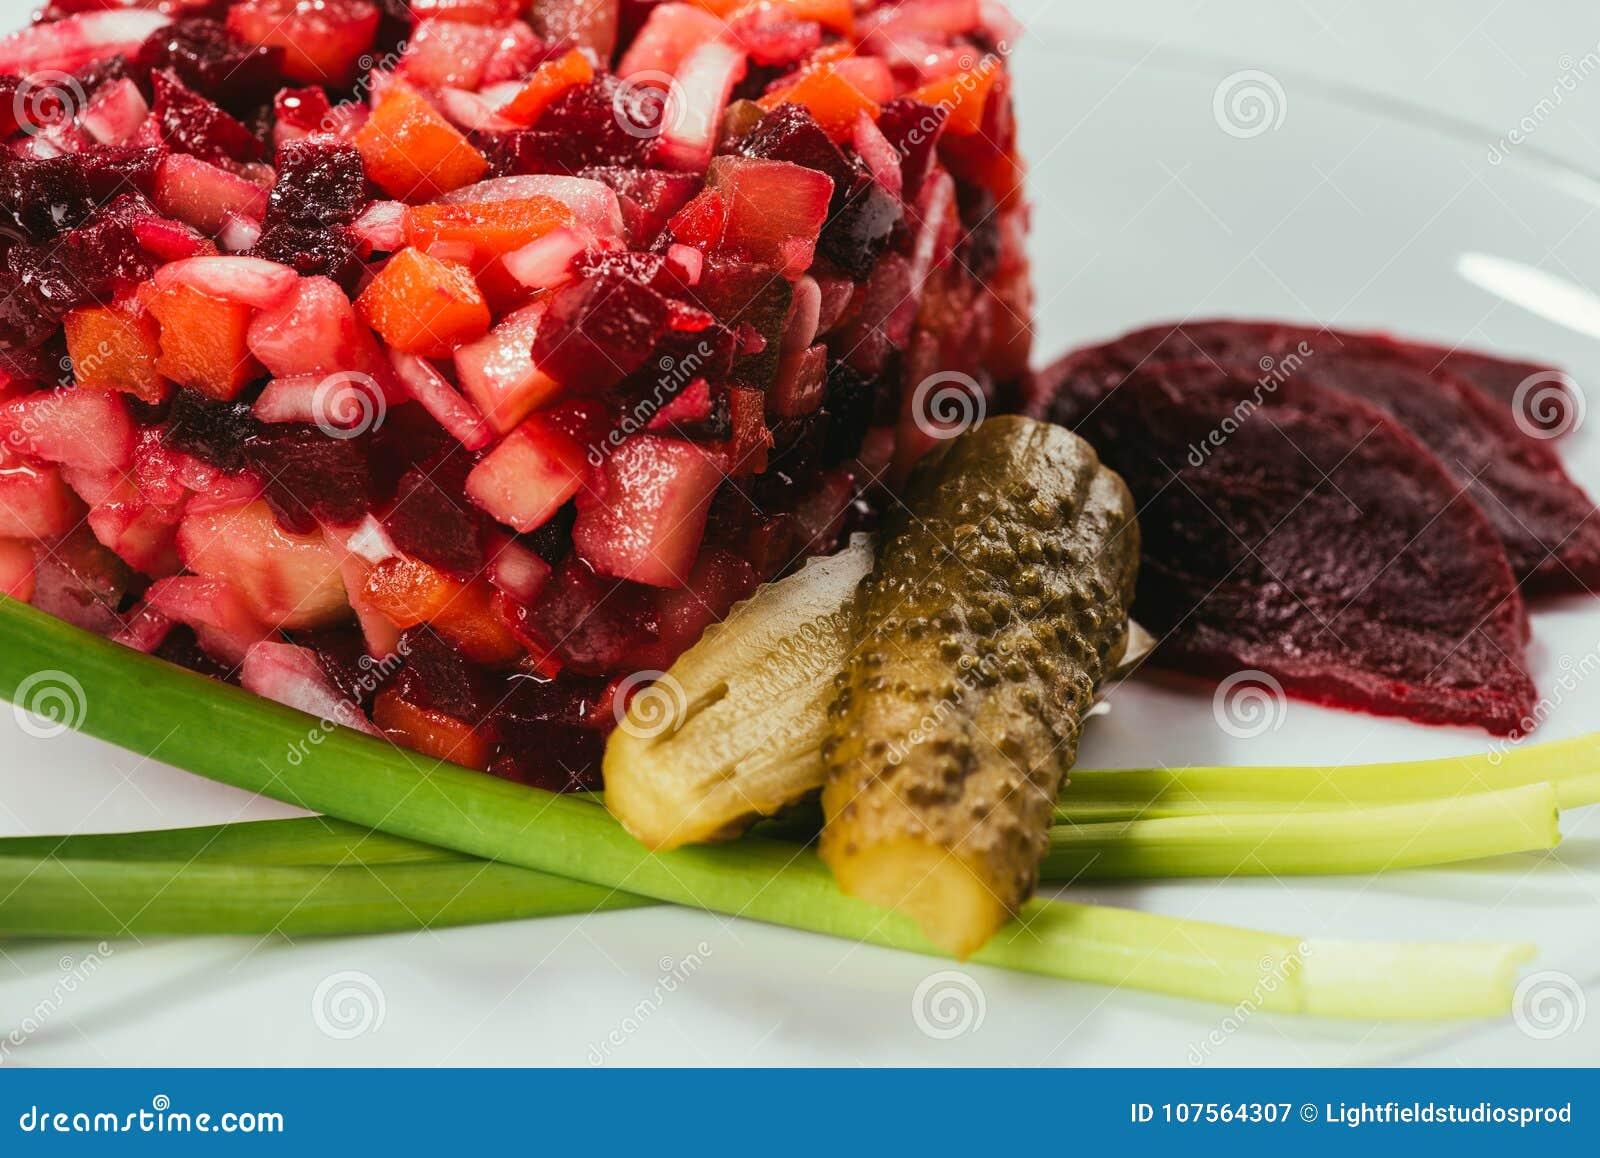 Vinegret-Salat diente mit Frühlingszwiebel und in Essig eingelegter Gurke